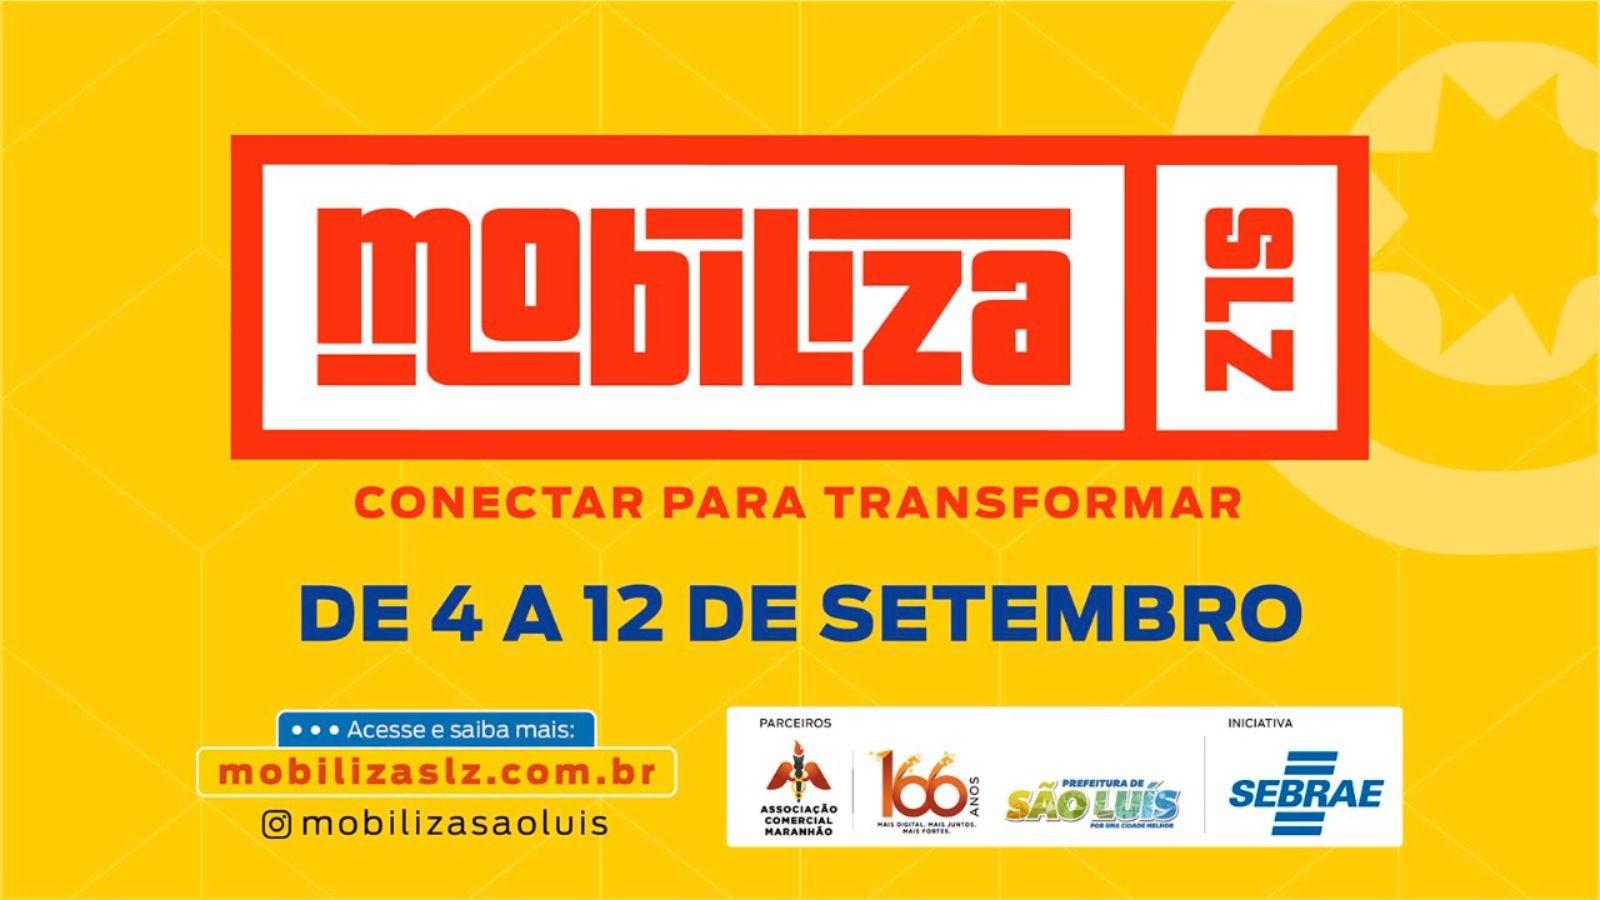 Movimento vai conectar turismo, inovação e economia criativa em São Luís no mês de setembro